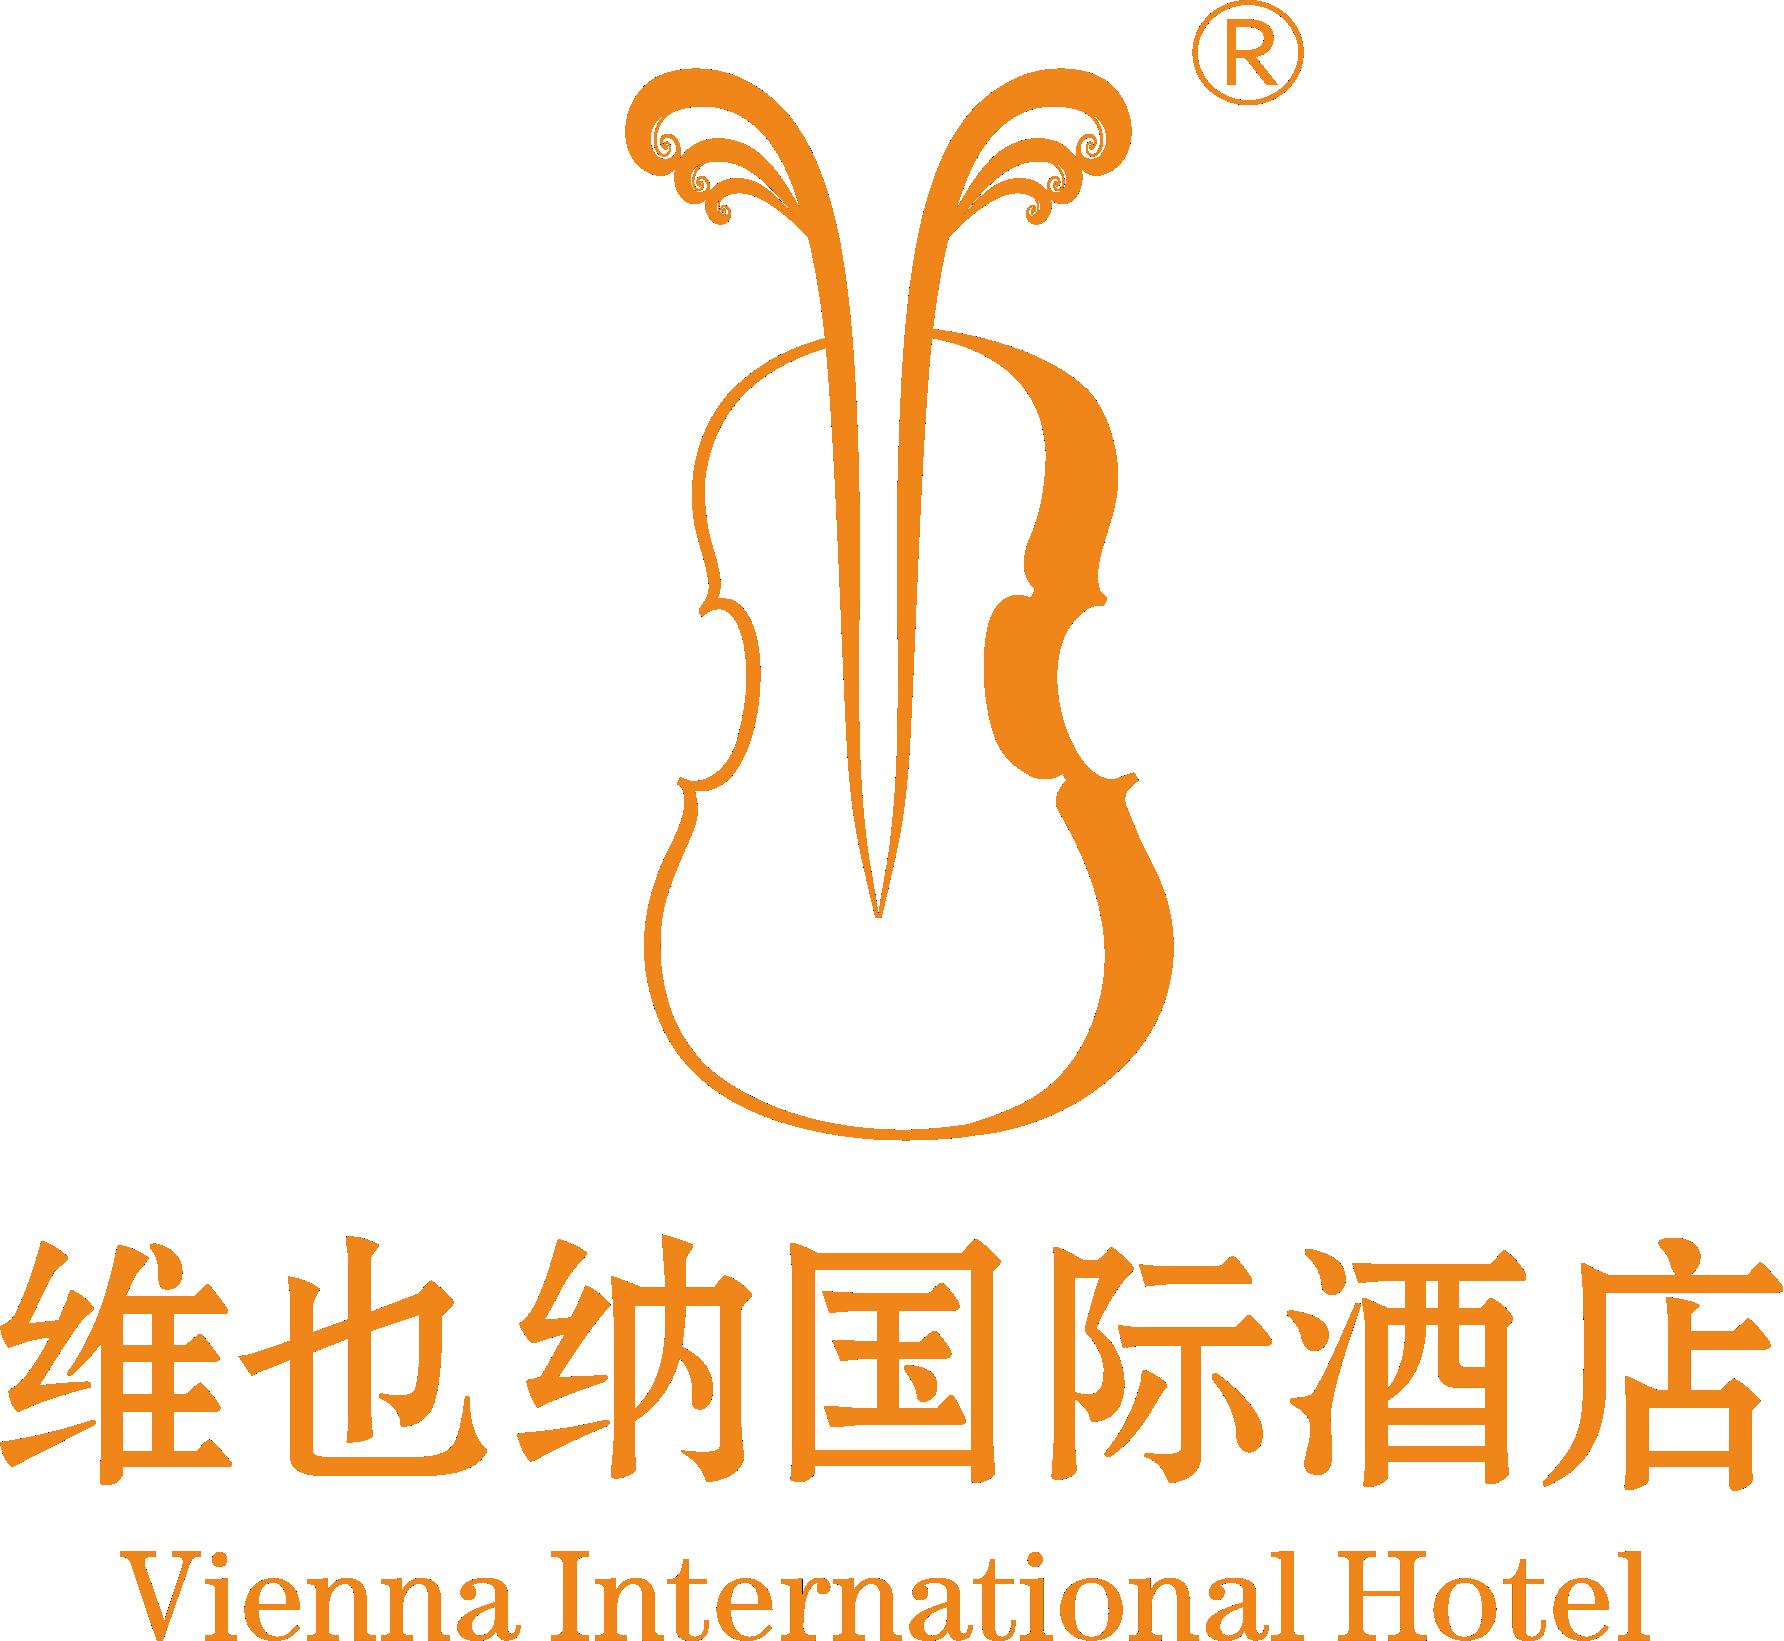 logo logo 标志 设计 矢量 矢量图 素材 图标 1784_1641